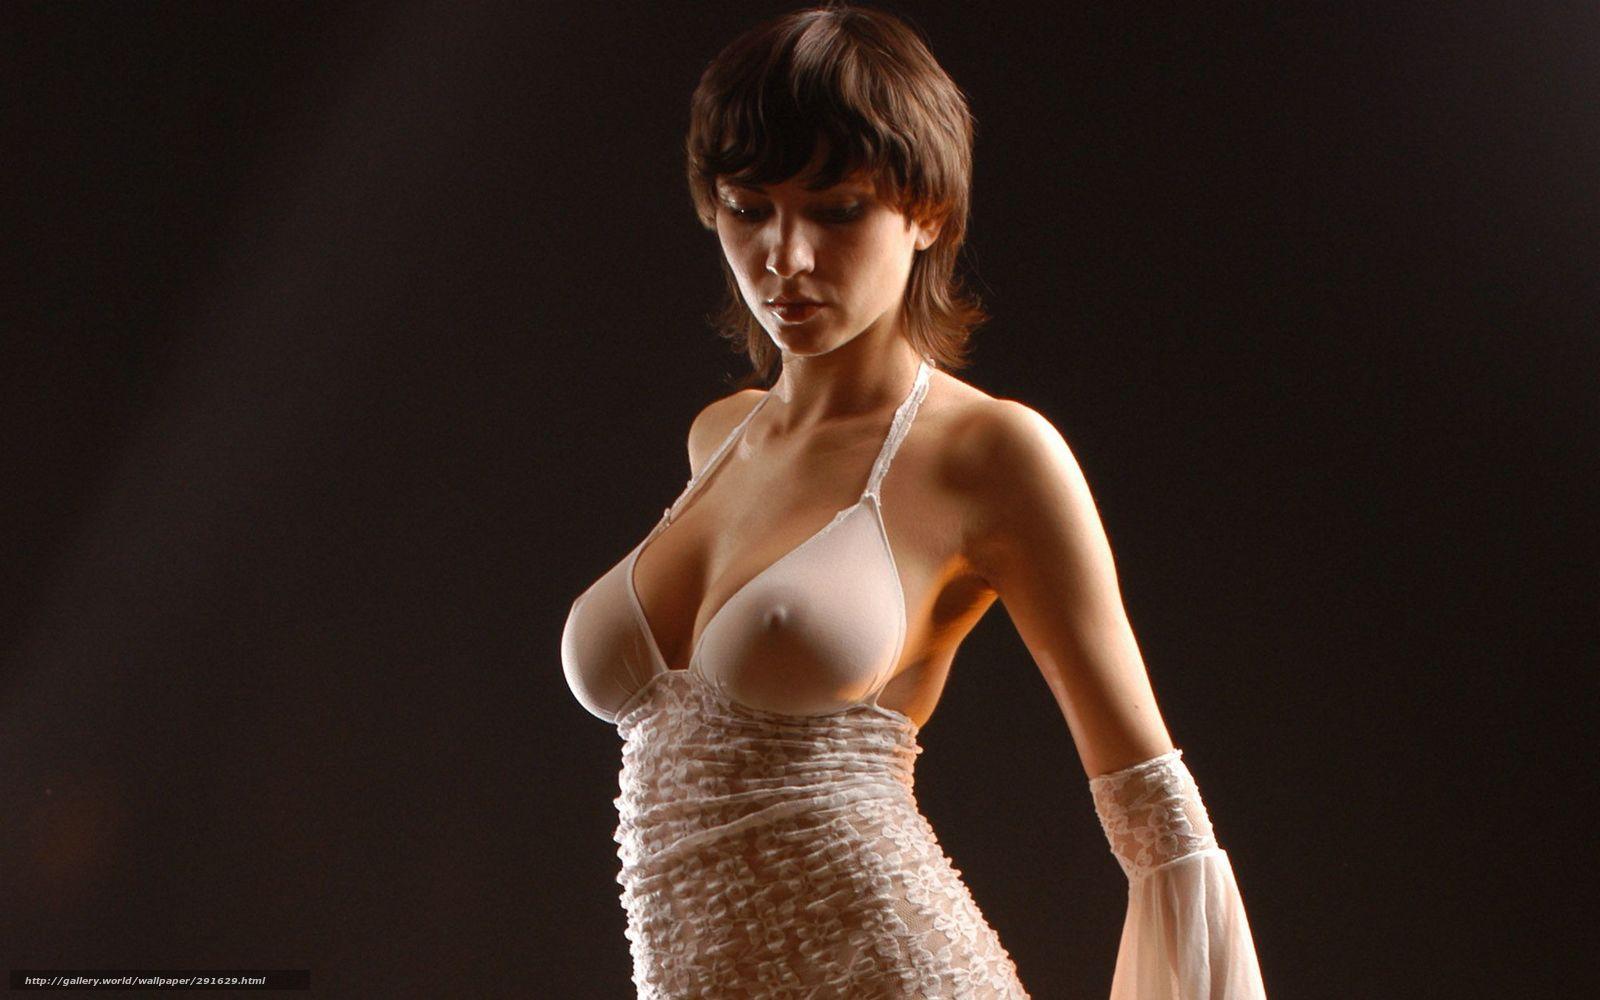 девушка в прозрачном платье на голое тело-аи1